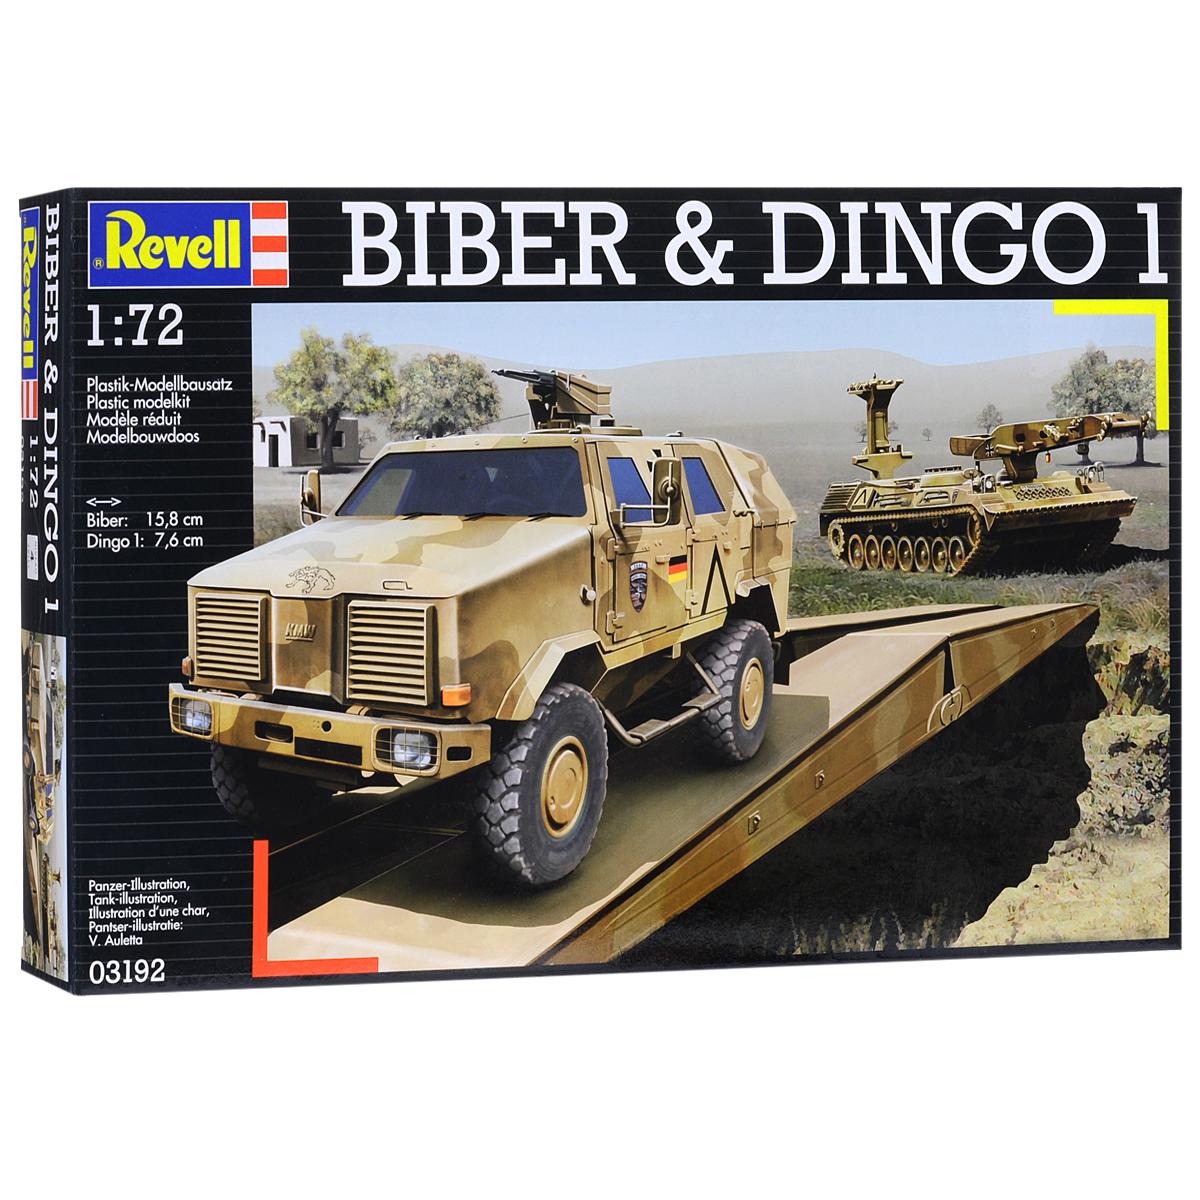 Сборная модель Revell Танковый мостоукладчик Biber и бронеавтомобиль Dingo ATF03192Сборная модель Revell Танковый мостоукладчик Biber и бронеавтомобиль Dingo ATF поможет вам и вашему ребенку придумать увлекательное занятие на долгое время. Набор включает в себя две сборные модели состоящие из 247 пластиковых элементов, из которых можно собрать достоверные уменьшенные копии мостоукладчика и бронеавтомобиля. Разработанный инженерами компании Krauss-Maffei Wegmann Dingo 1 был принят на вооружение Бундесвера в 2003 году. По оценке экспертов на данный момент броневик занимает лидирующие позиции по показателям защиты среди машин своего класса. Dingo стоит на вооружении в армиях шести стран. Всего было выпущено около 800 экземпляров. Мостоукладчик Biber был создан на базе шасси танка Леопард в 1973 году. Мостоукладчик способен навести переправу в течении 2-3 минут. Контролировать процесс установки моста могут всего два человека. Также в наборе схематичная инструкция по сборке. Процесс сборки развивает интеллектуальные и инструментальные...